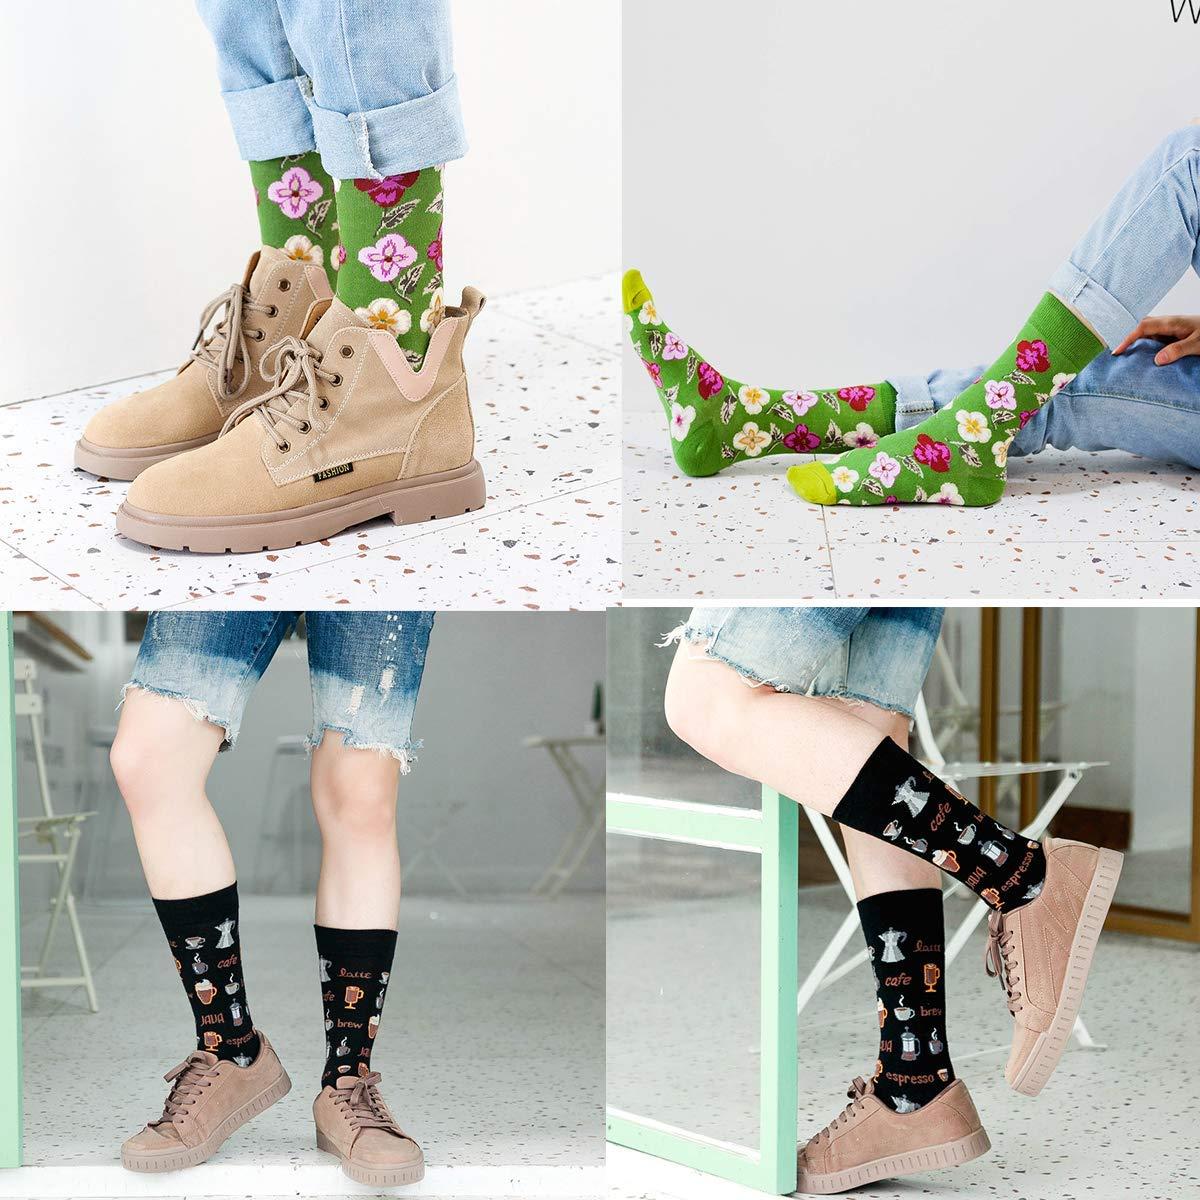 Longyangqk Calcetines para hombre Calcetines de vestir coloridos Paquete de 6 Hombres Mujeres Ni/ños Ni/ña Algod/ón Calcetines estampados de moda